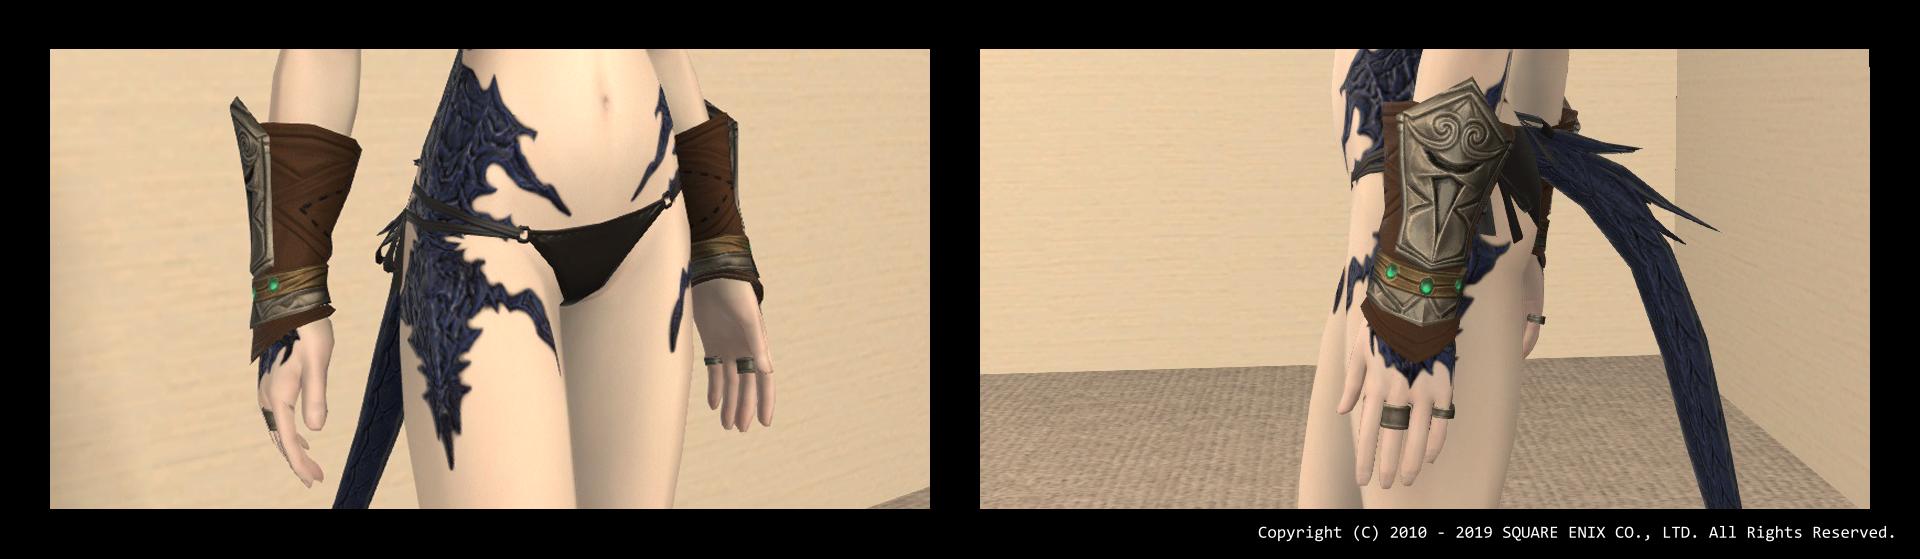 406-brdmchdnc-hands